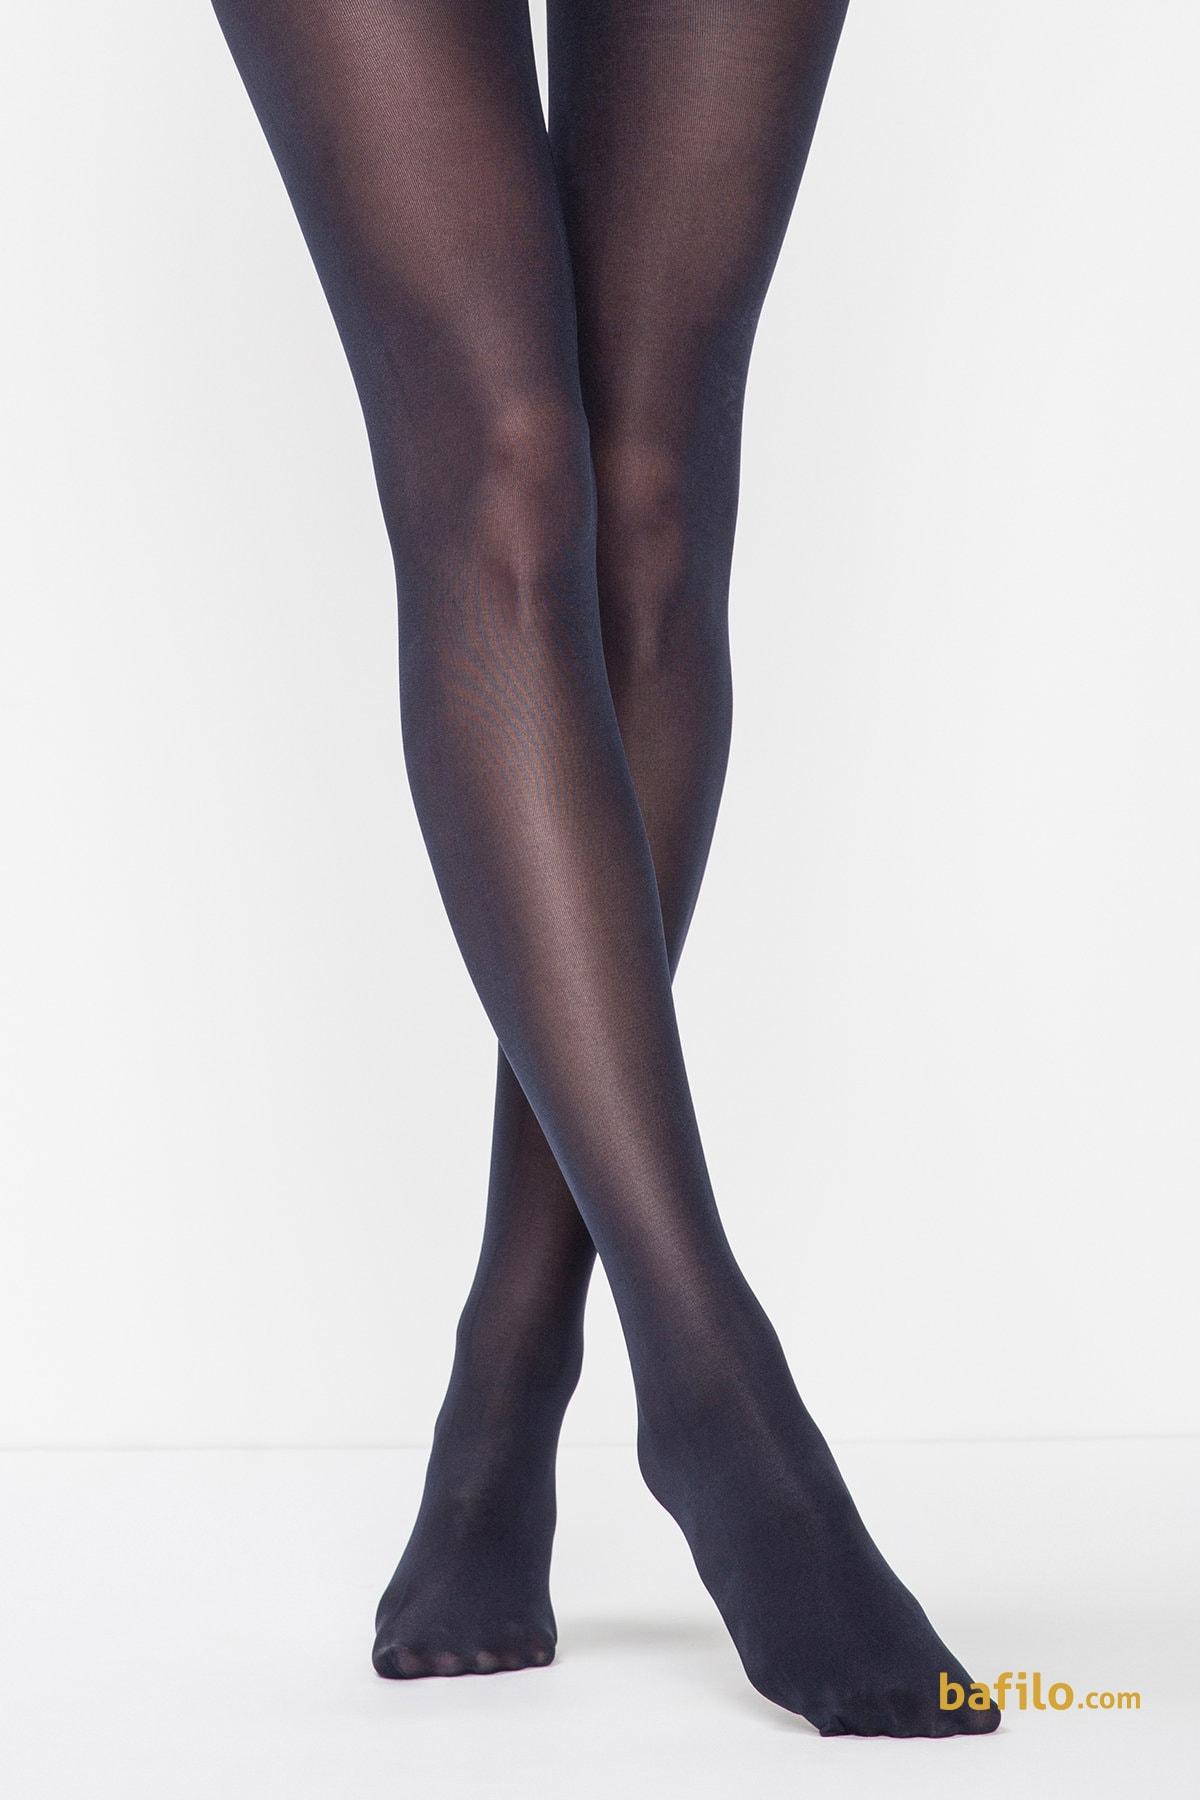 پنتی | Penti - جوراب شلواری زنانه پنتی Mikro 70 سرمه ای